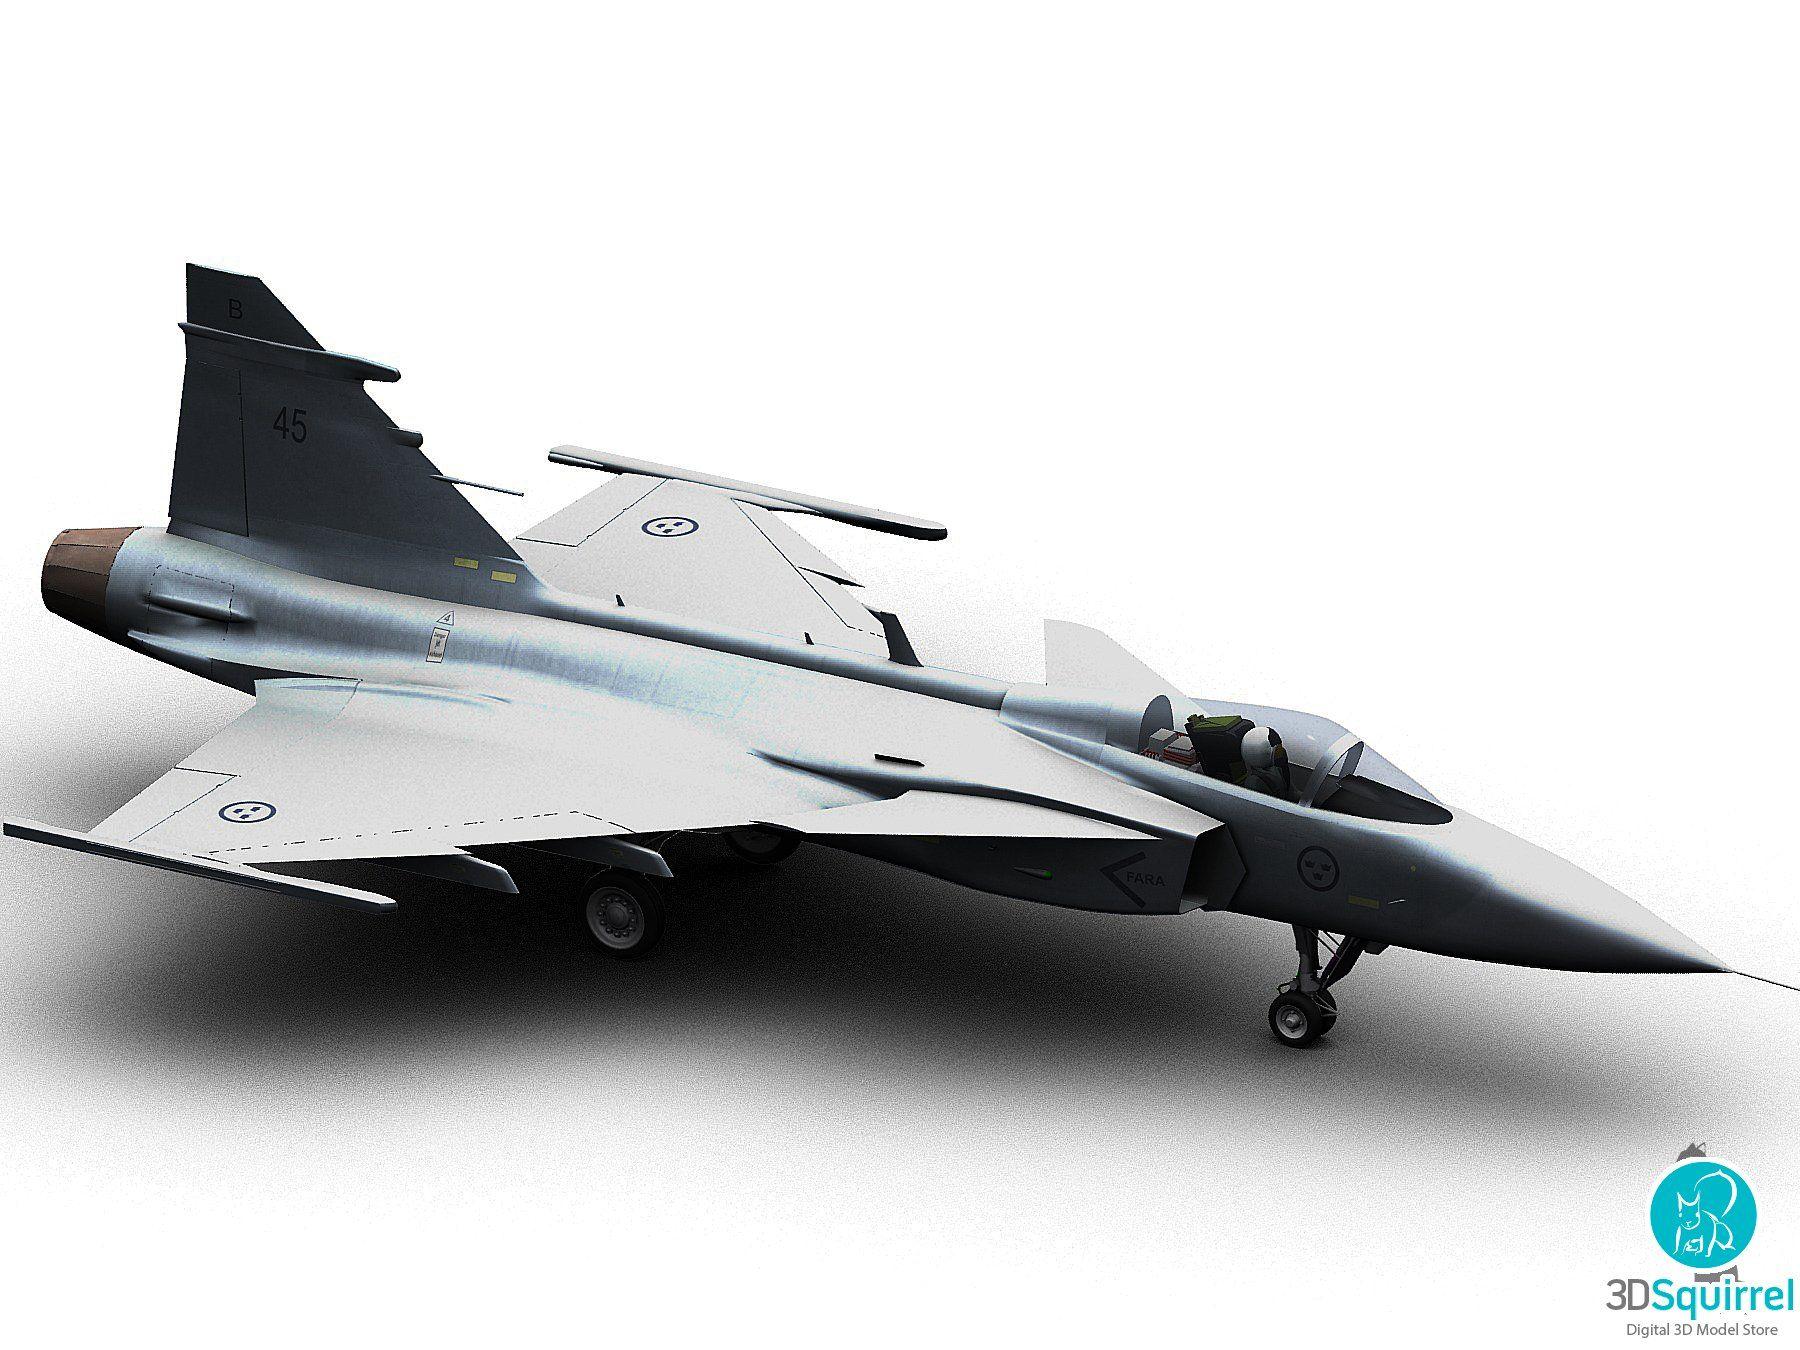 Jet Plane 3D Model obj fbx max | 3DSquirrel | Aircraft 3D Models